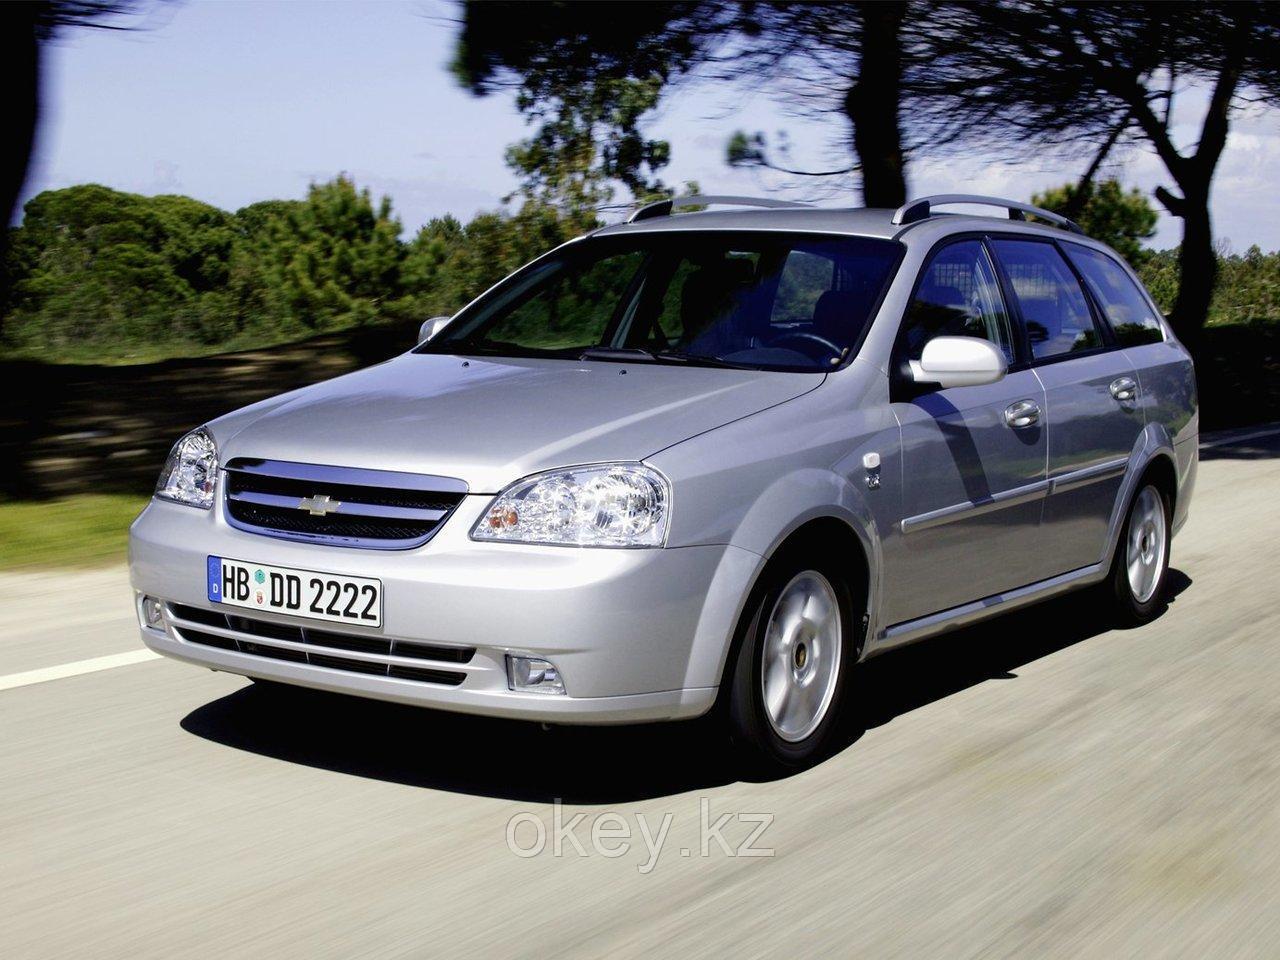 Тормозные колодки Kötl 3348KT для Chevrolet Lacetti универсал (J200) 1.6, 2005-2013 года выпуска.